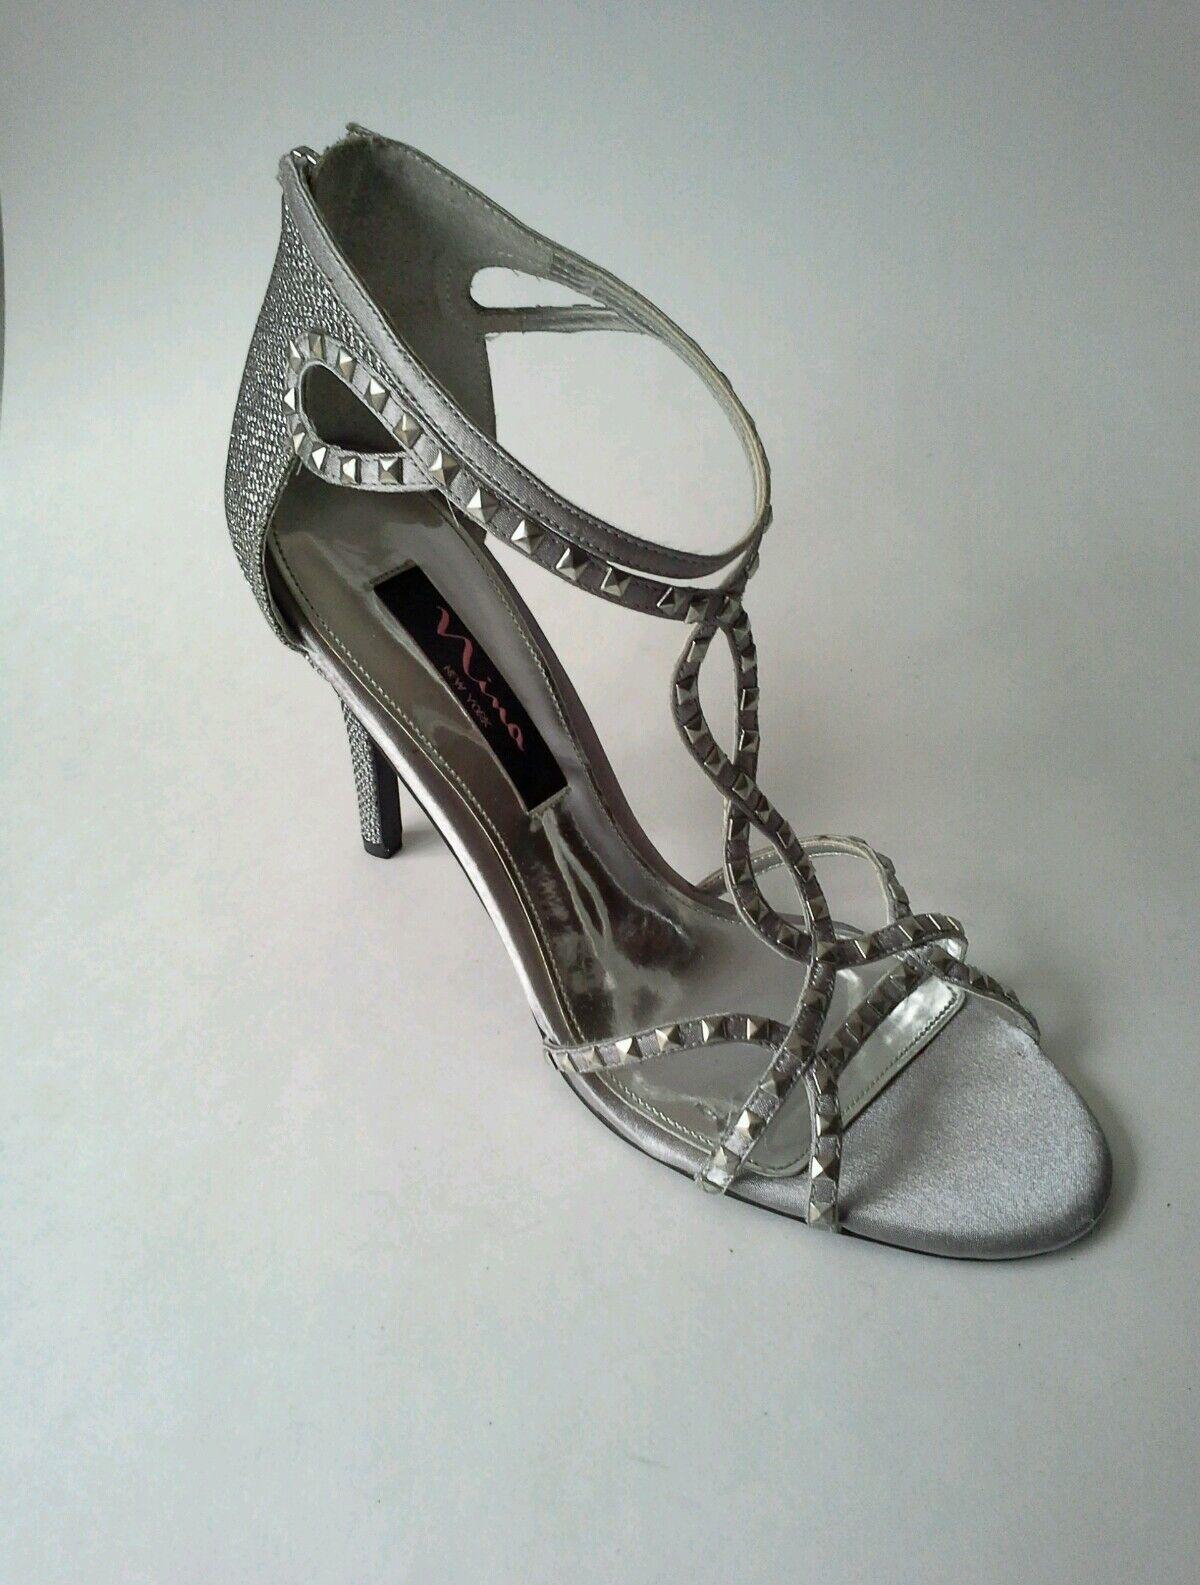 Nina Ciprina Dress Heeled Sandal Sliver Studded Studded Studded Straps Open -Toe Size 8  Satin 89800f